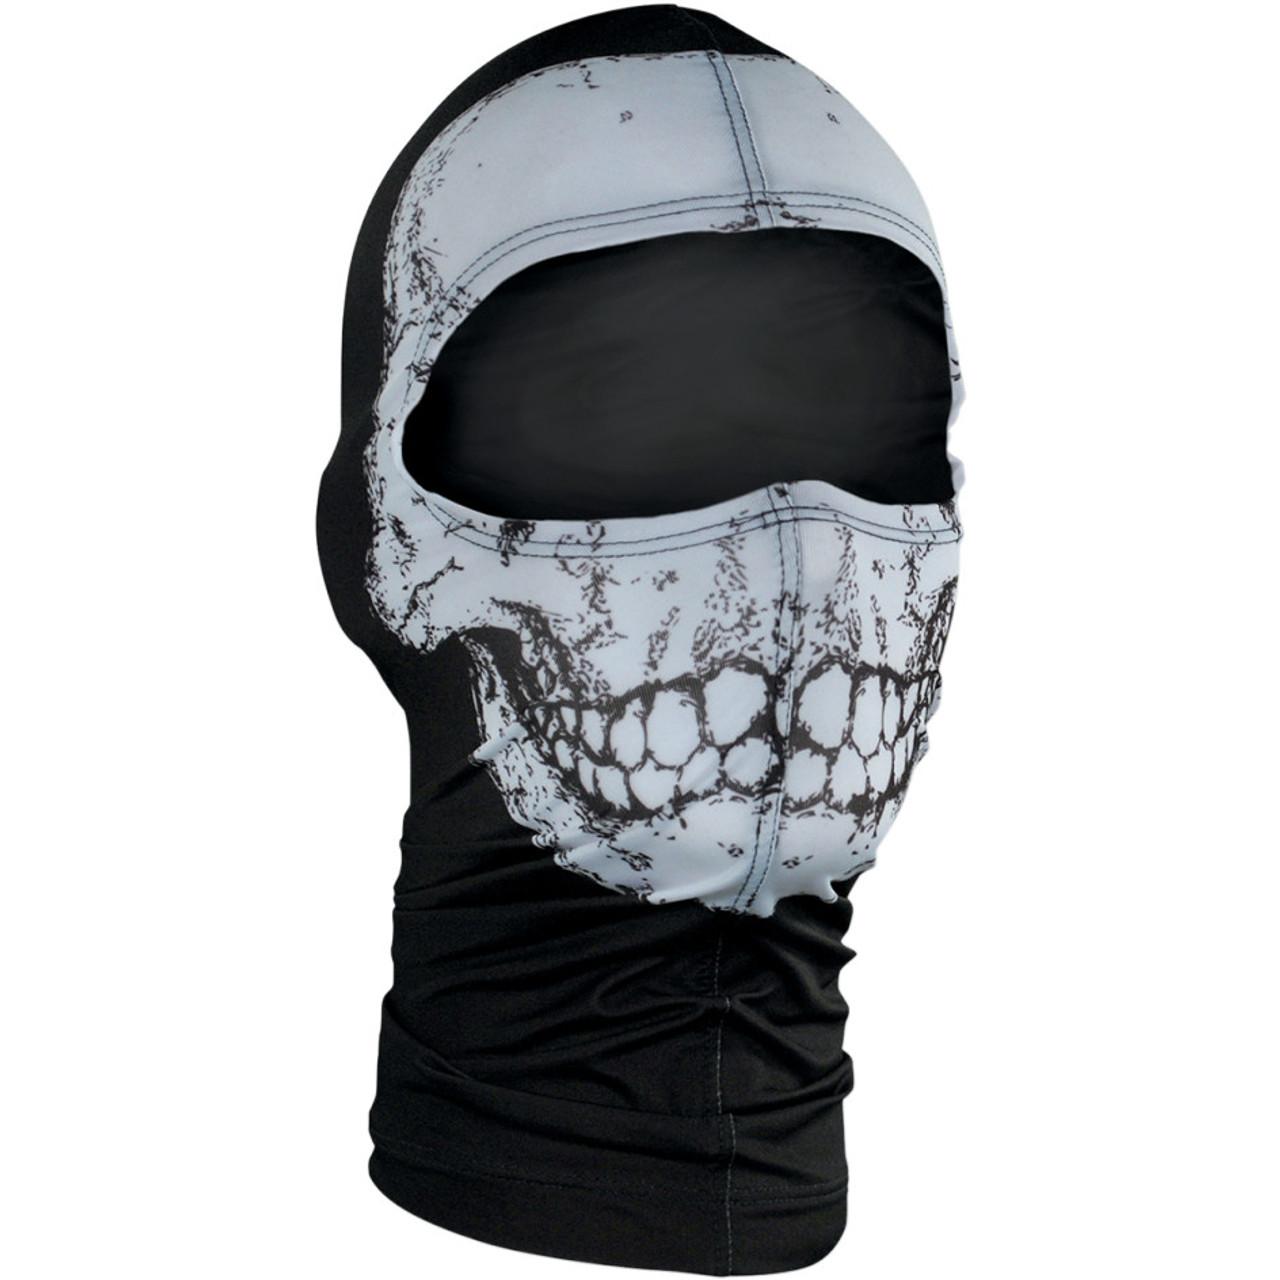 836a512ce54 Zan Headgear Skull Nylon Balaclava - Get Lowered Cycles